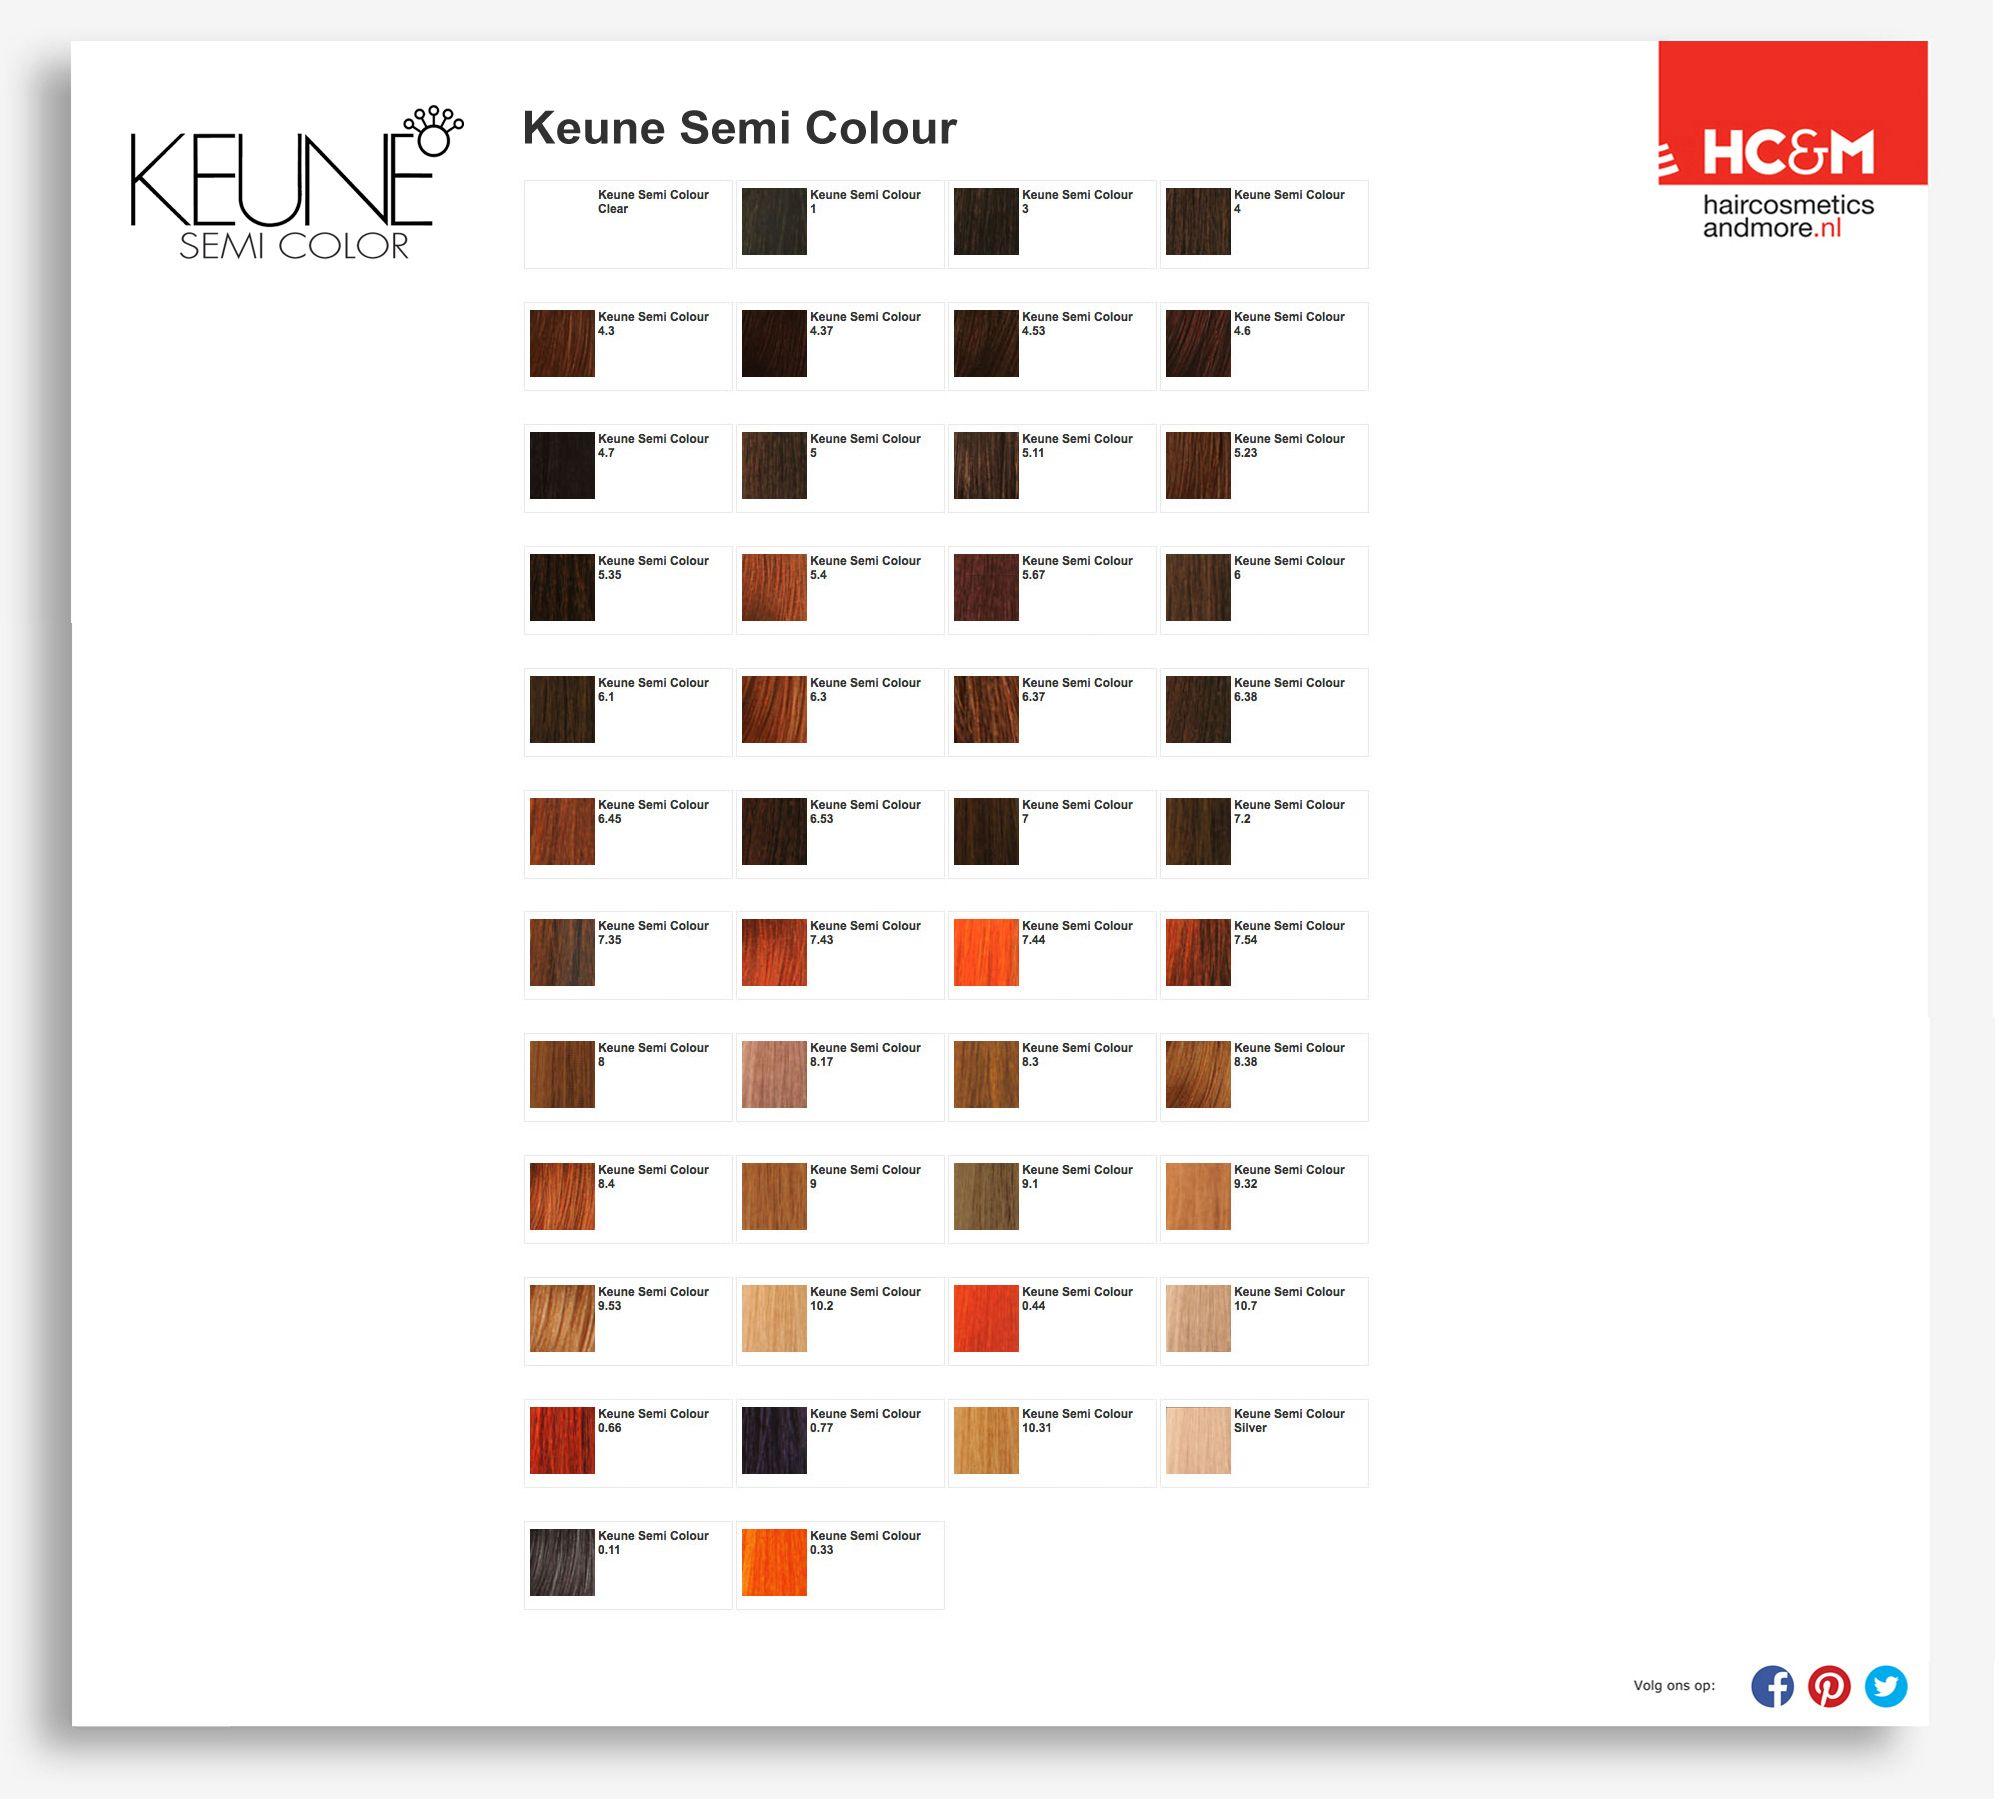 Keune Semi Color Shades Hair Pinterest Colors